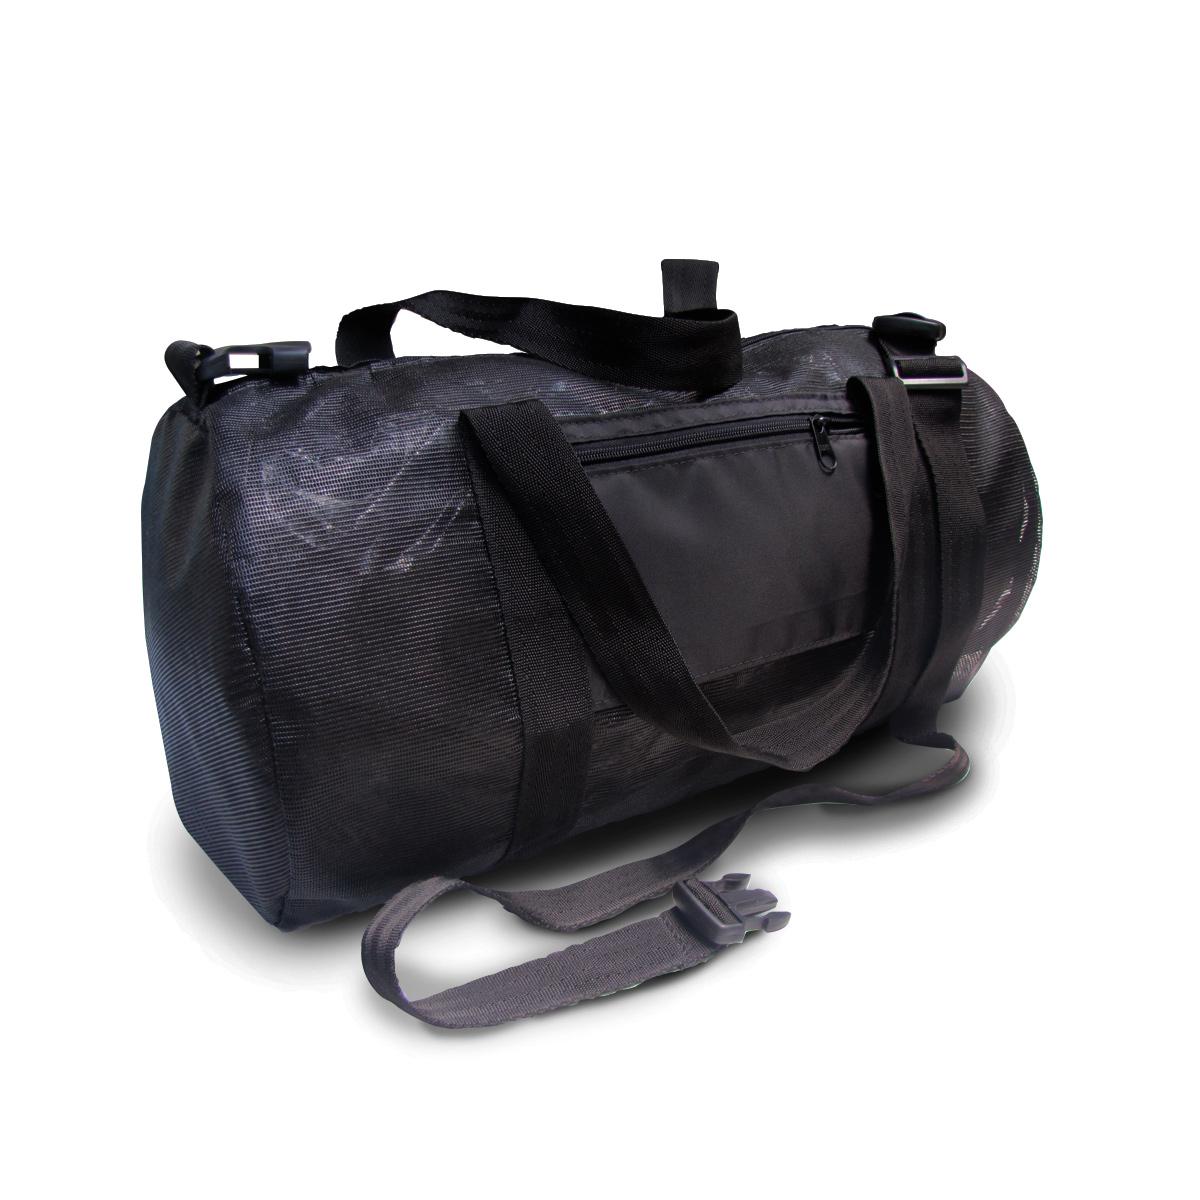 Bolsa Bag Para Kimono - Roupas de Treino e Academia - Suadas Ou Molhadas - Bag Lev